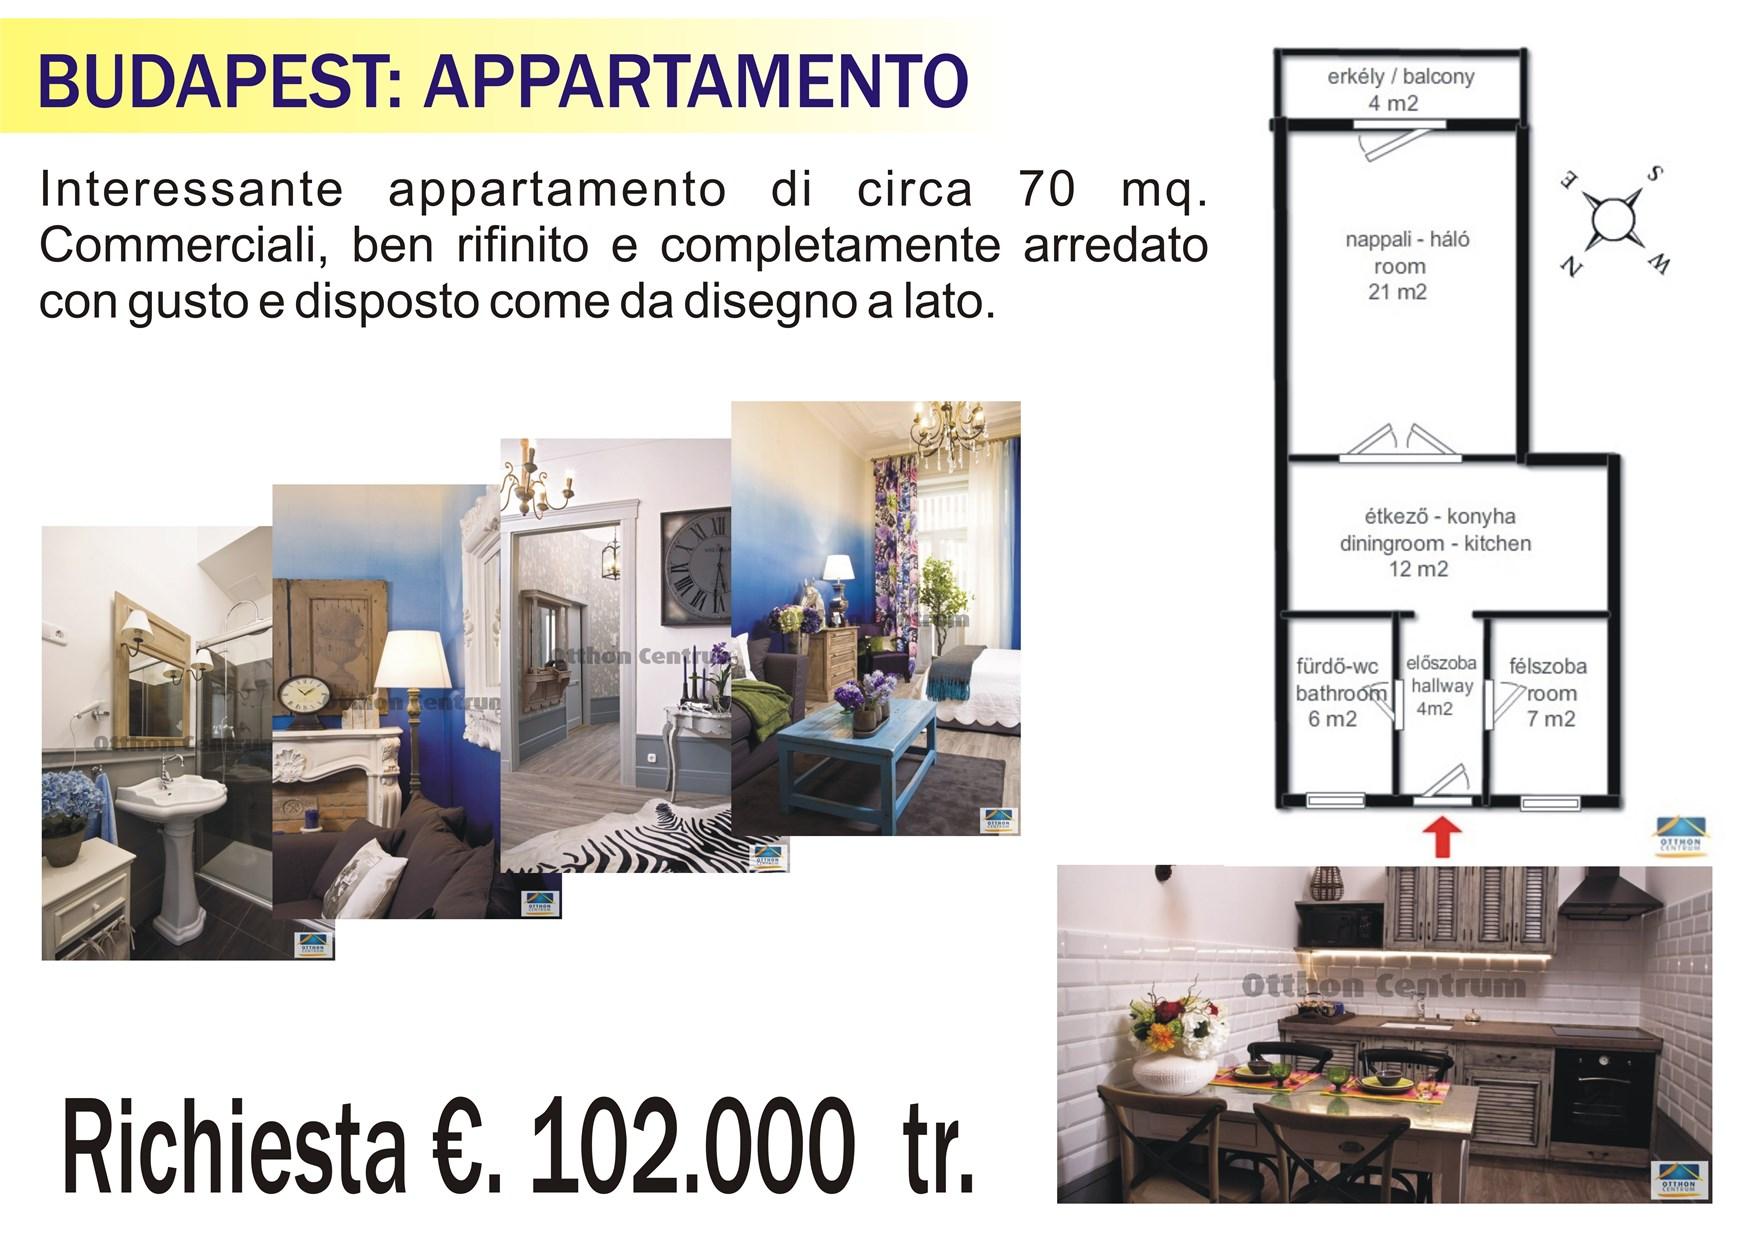 Agenzia immobiliare immobili all 39 estero - Agenzia immobiliare gonzaga ...